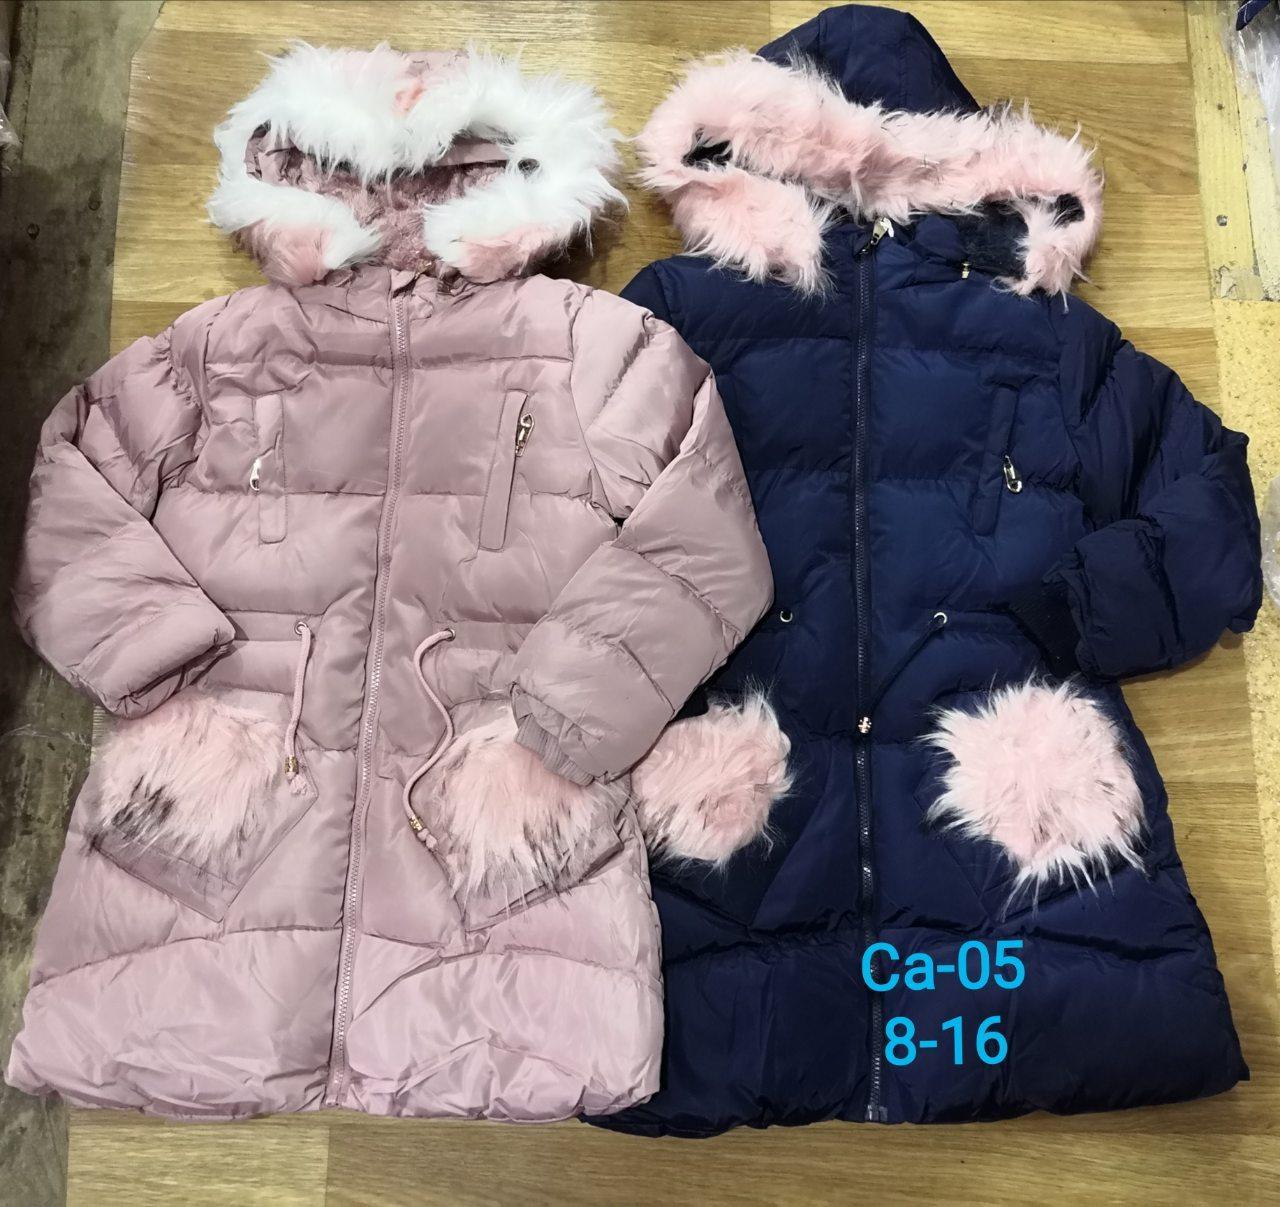 Зимняя куртка-пальто для девочек оптом, 8-16 лет, Sincere, арт. Ca-05